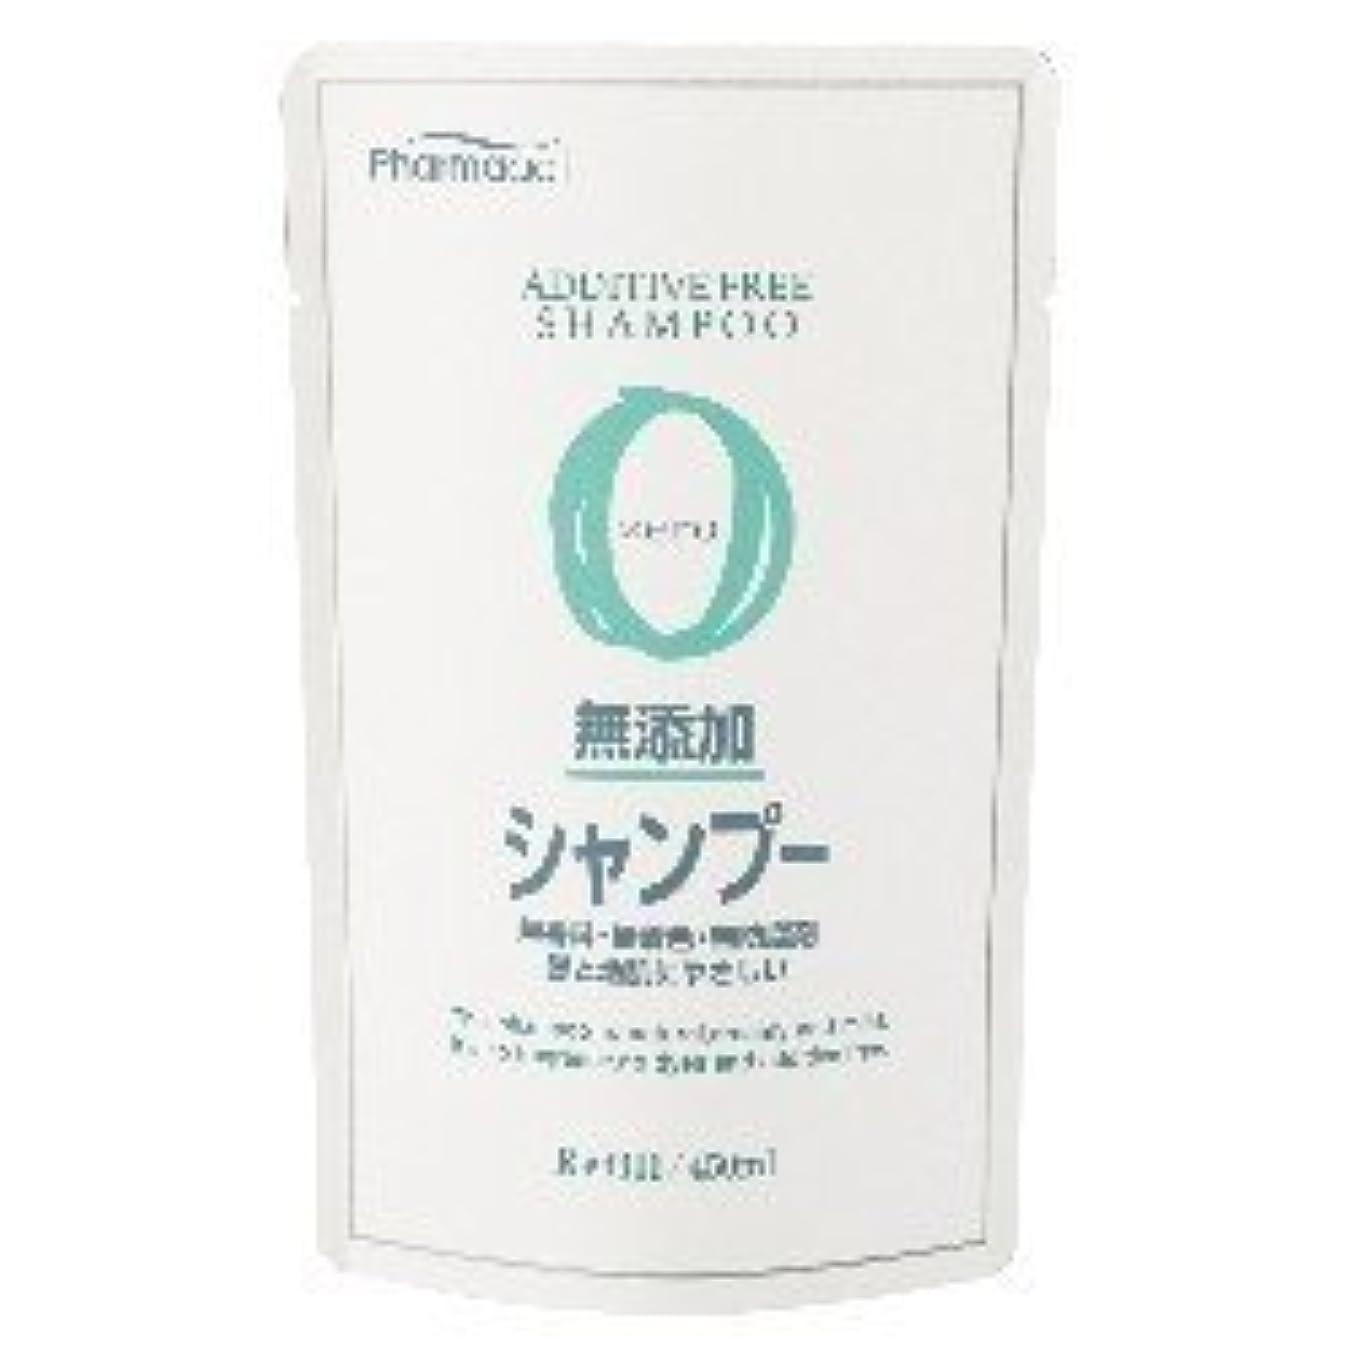 いつも虚栄心明確に熊野油脂 ファーマアクト 無添加シャンプー 詰め替え用 450mL×24個セット  無香料?無着色?無防腐剤